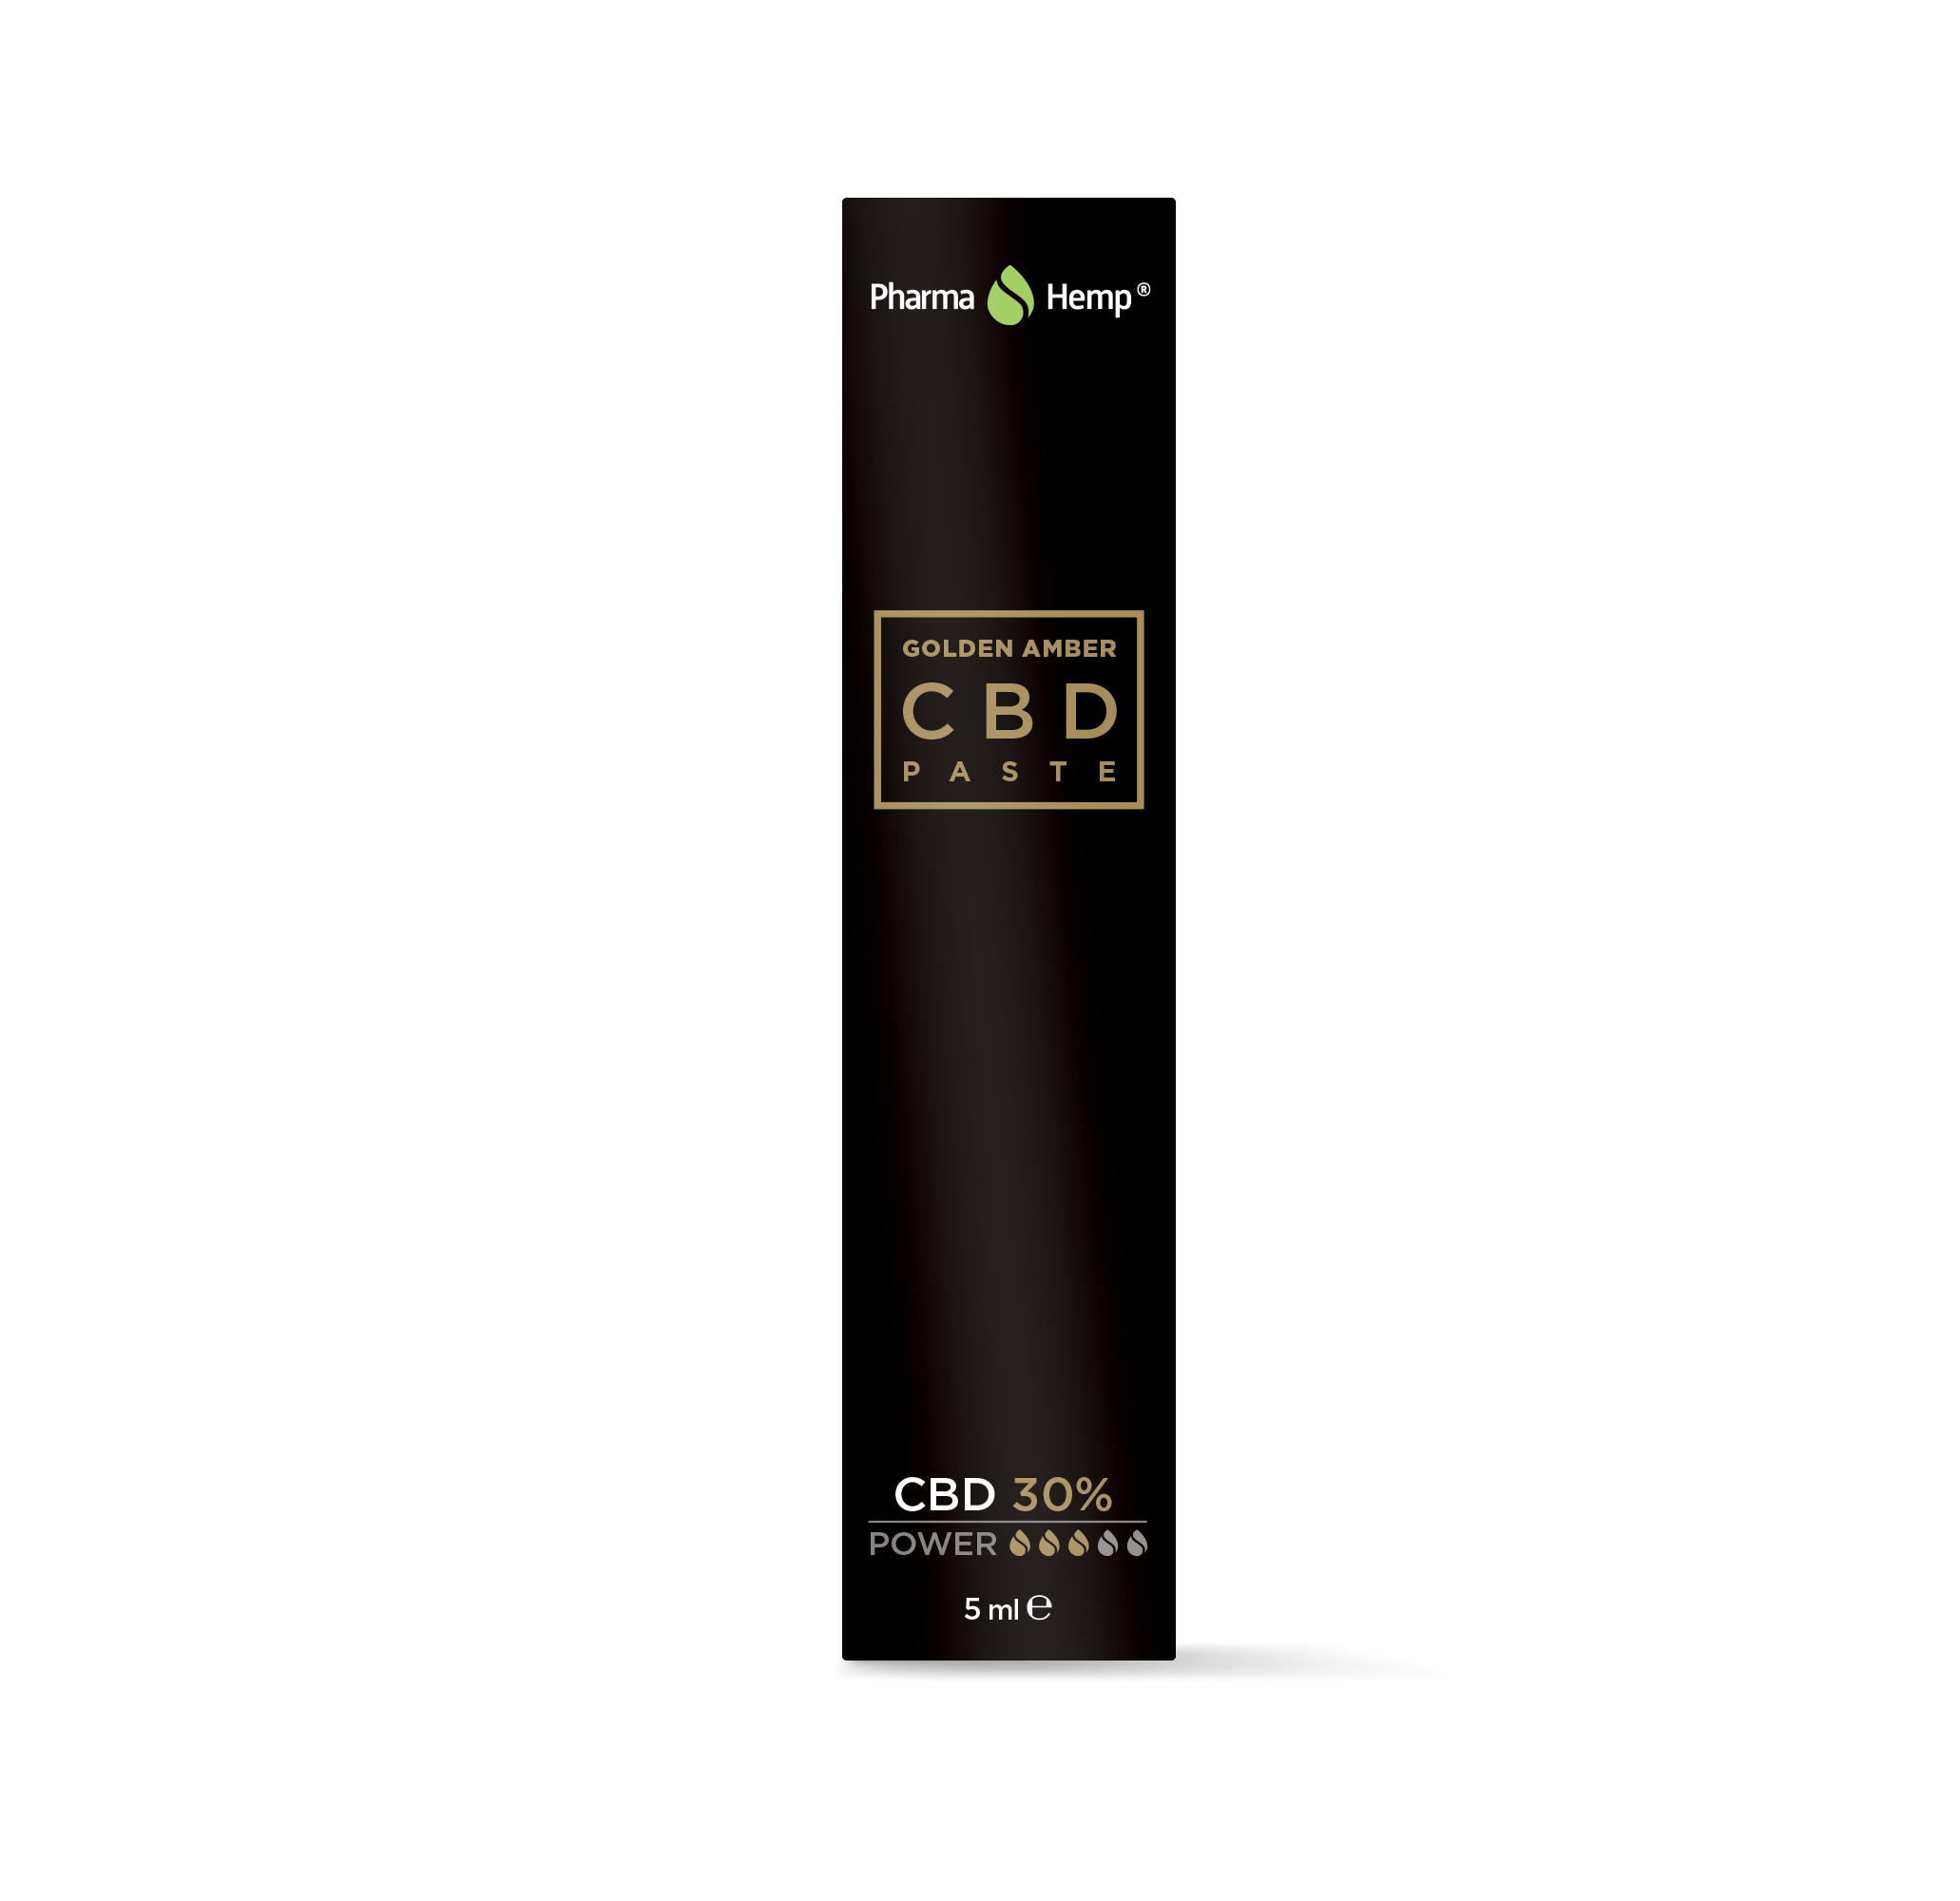 CBD GOLDEN AMBER PASTE 5ml - 30%